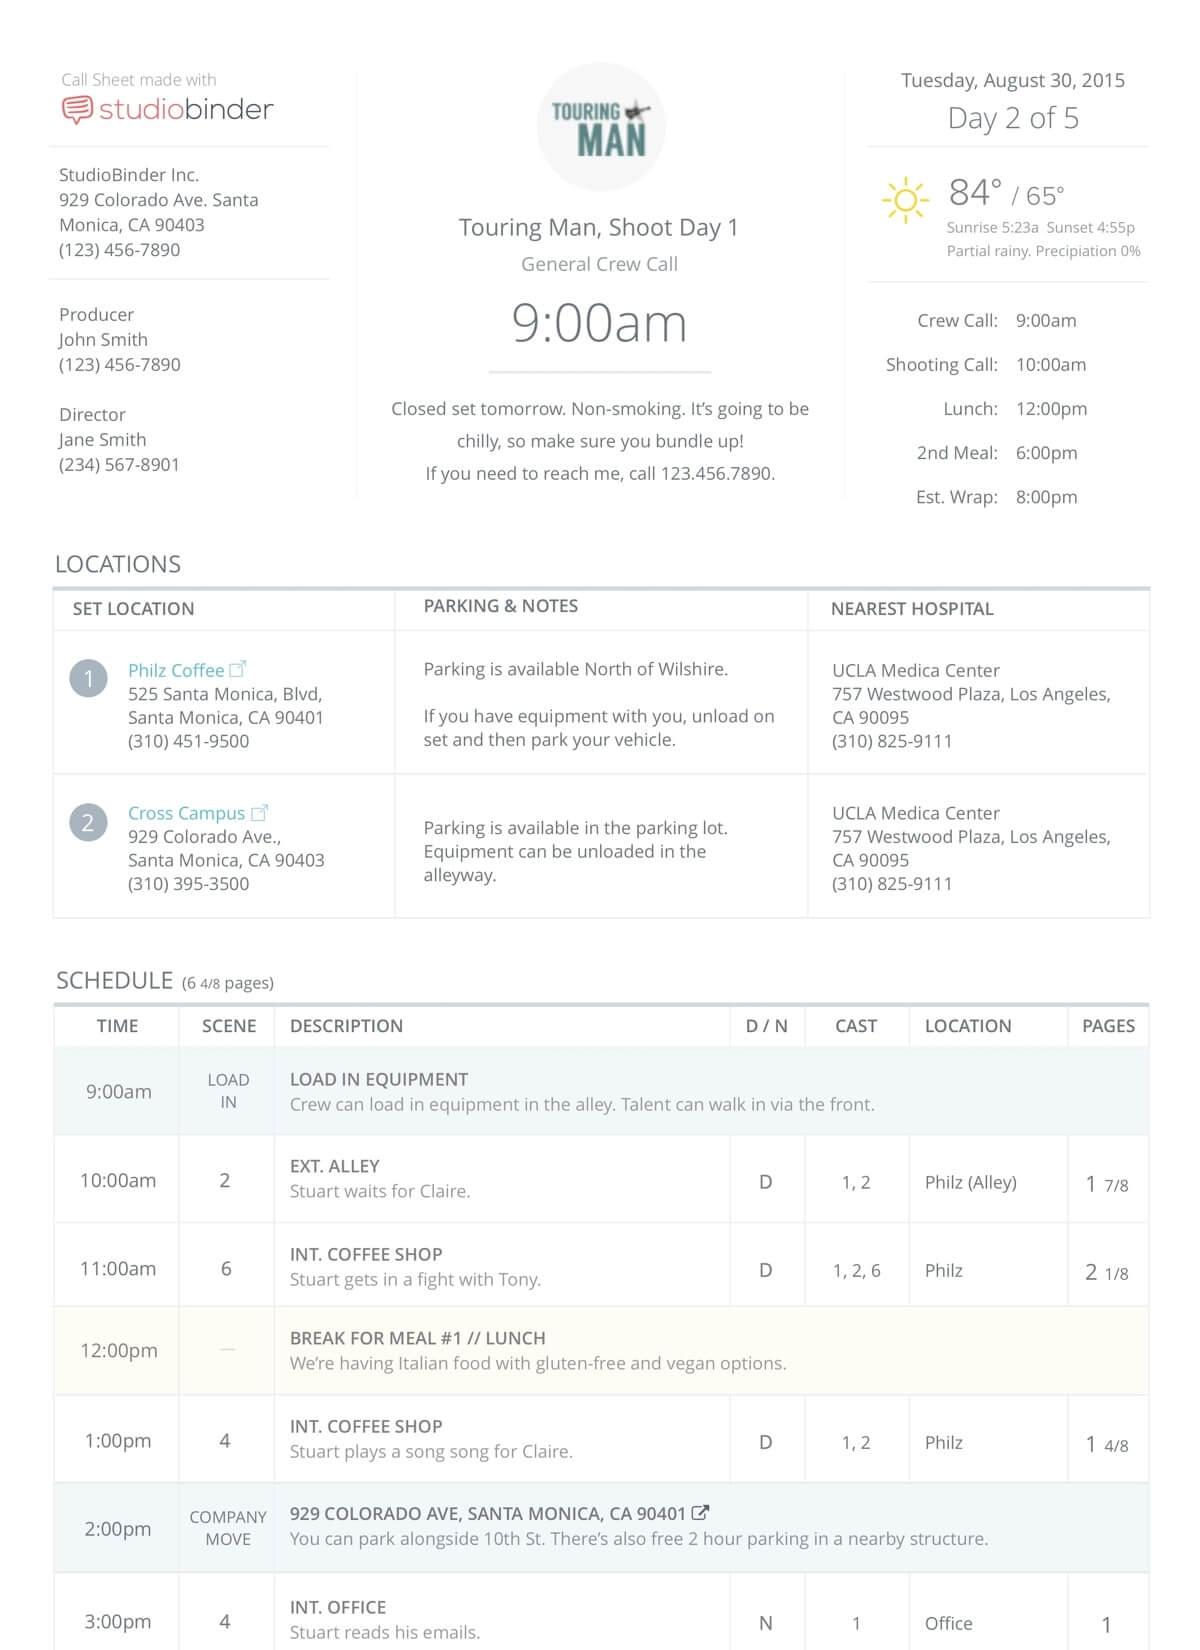 StudioBinder Call Sheet Templates and Samples